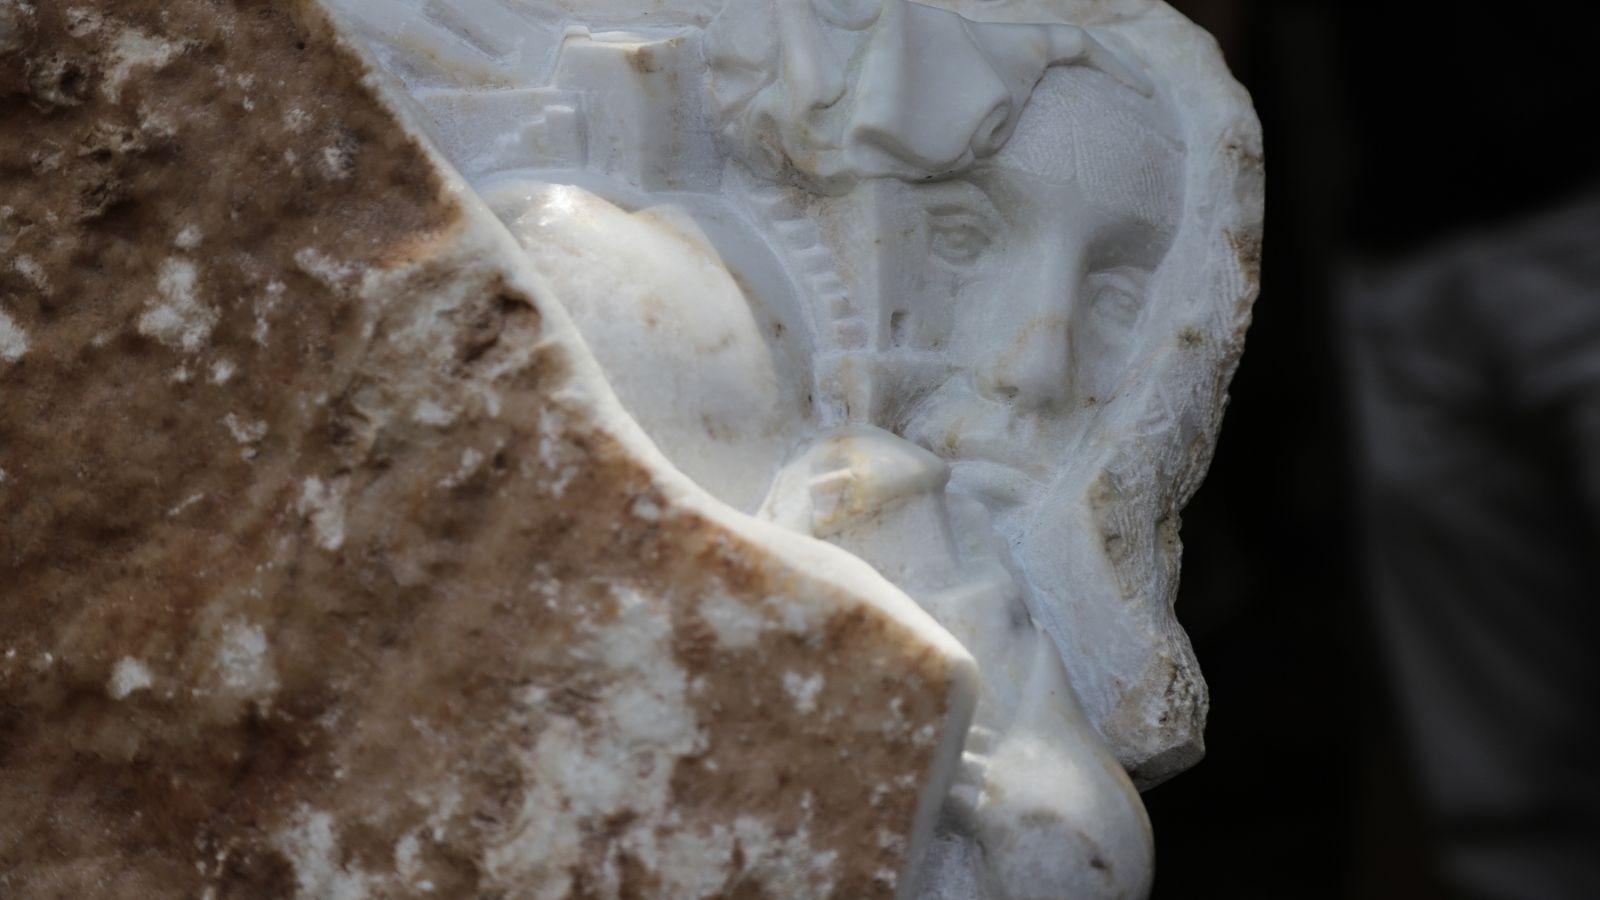 Αρλέτα: Μια μικρή συναυλία στα αποκαλυπτηρία του αγάλματος στα Εξάρχεια [vid & pics]